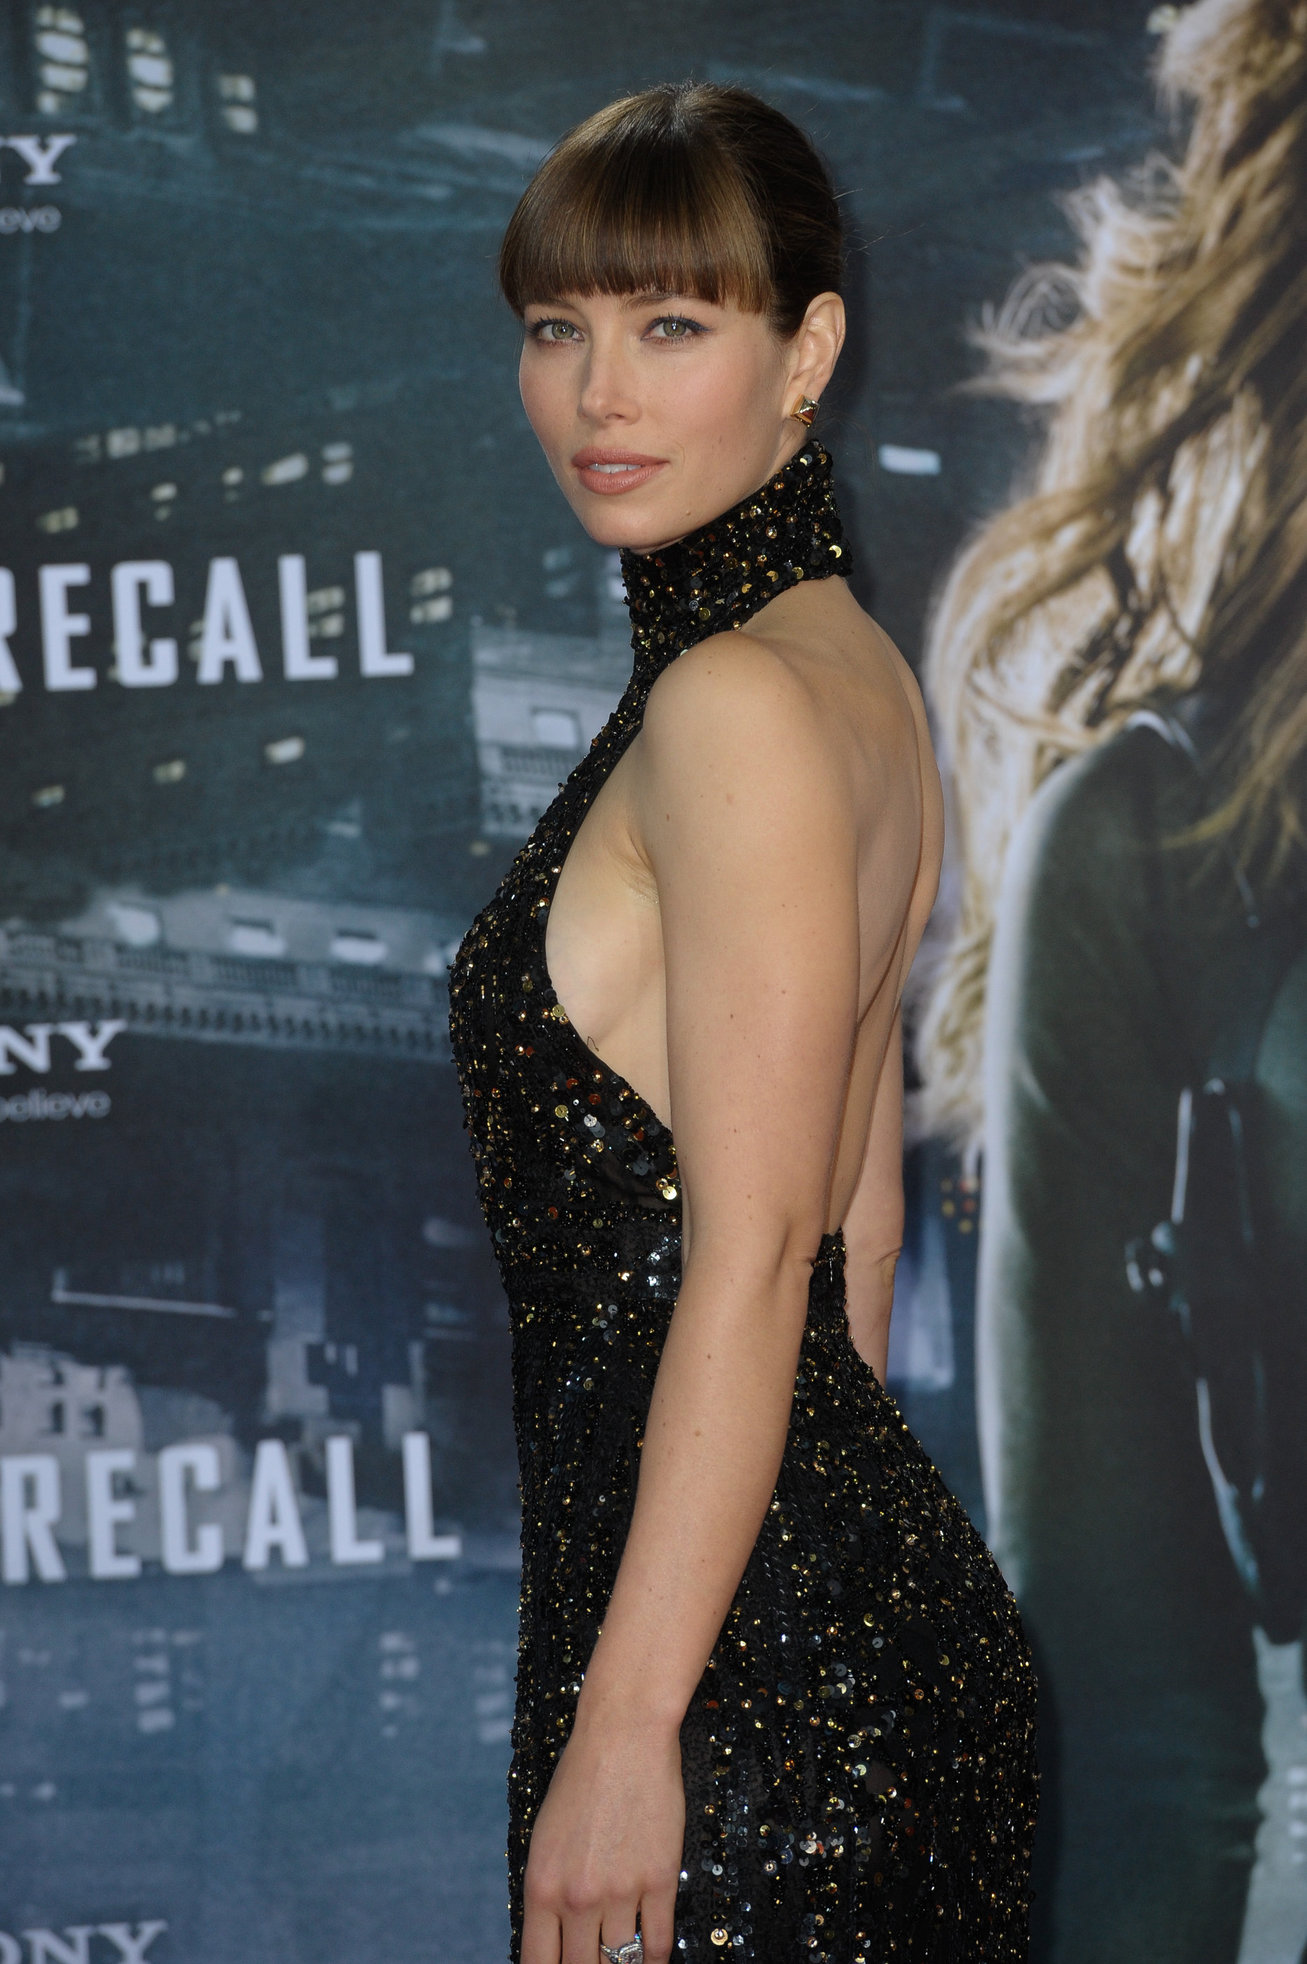 Jessica Biel Total Recall Premiere in Berlin 13.08.12